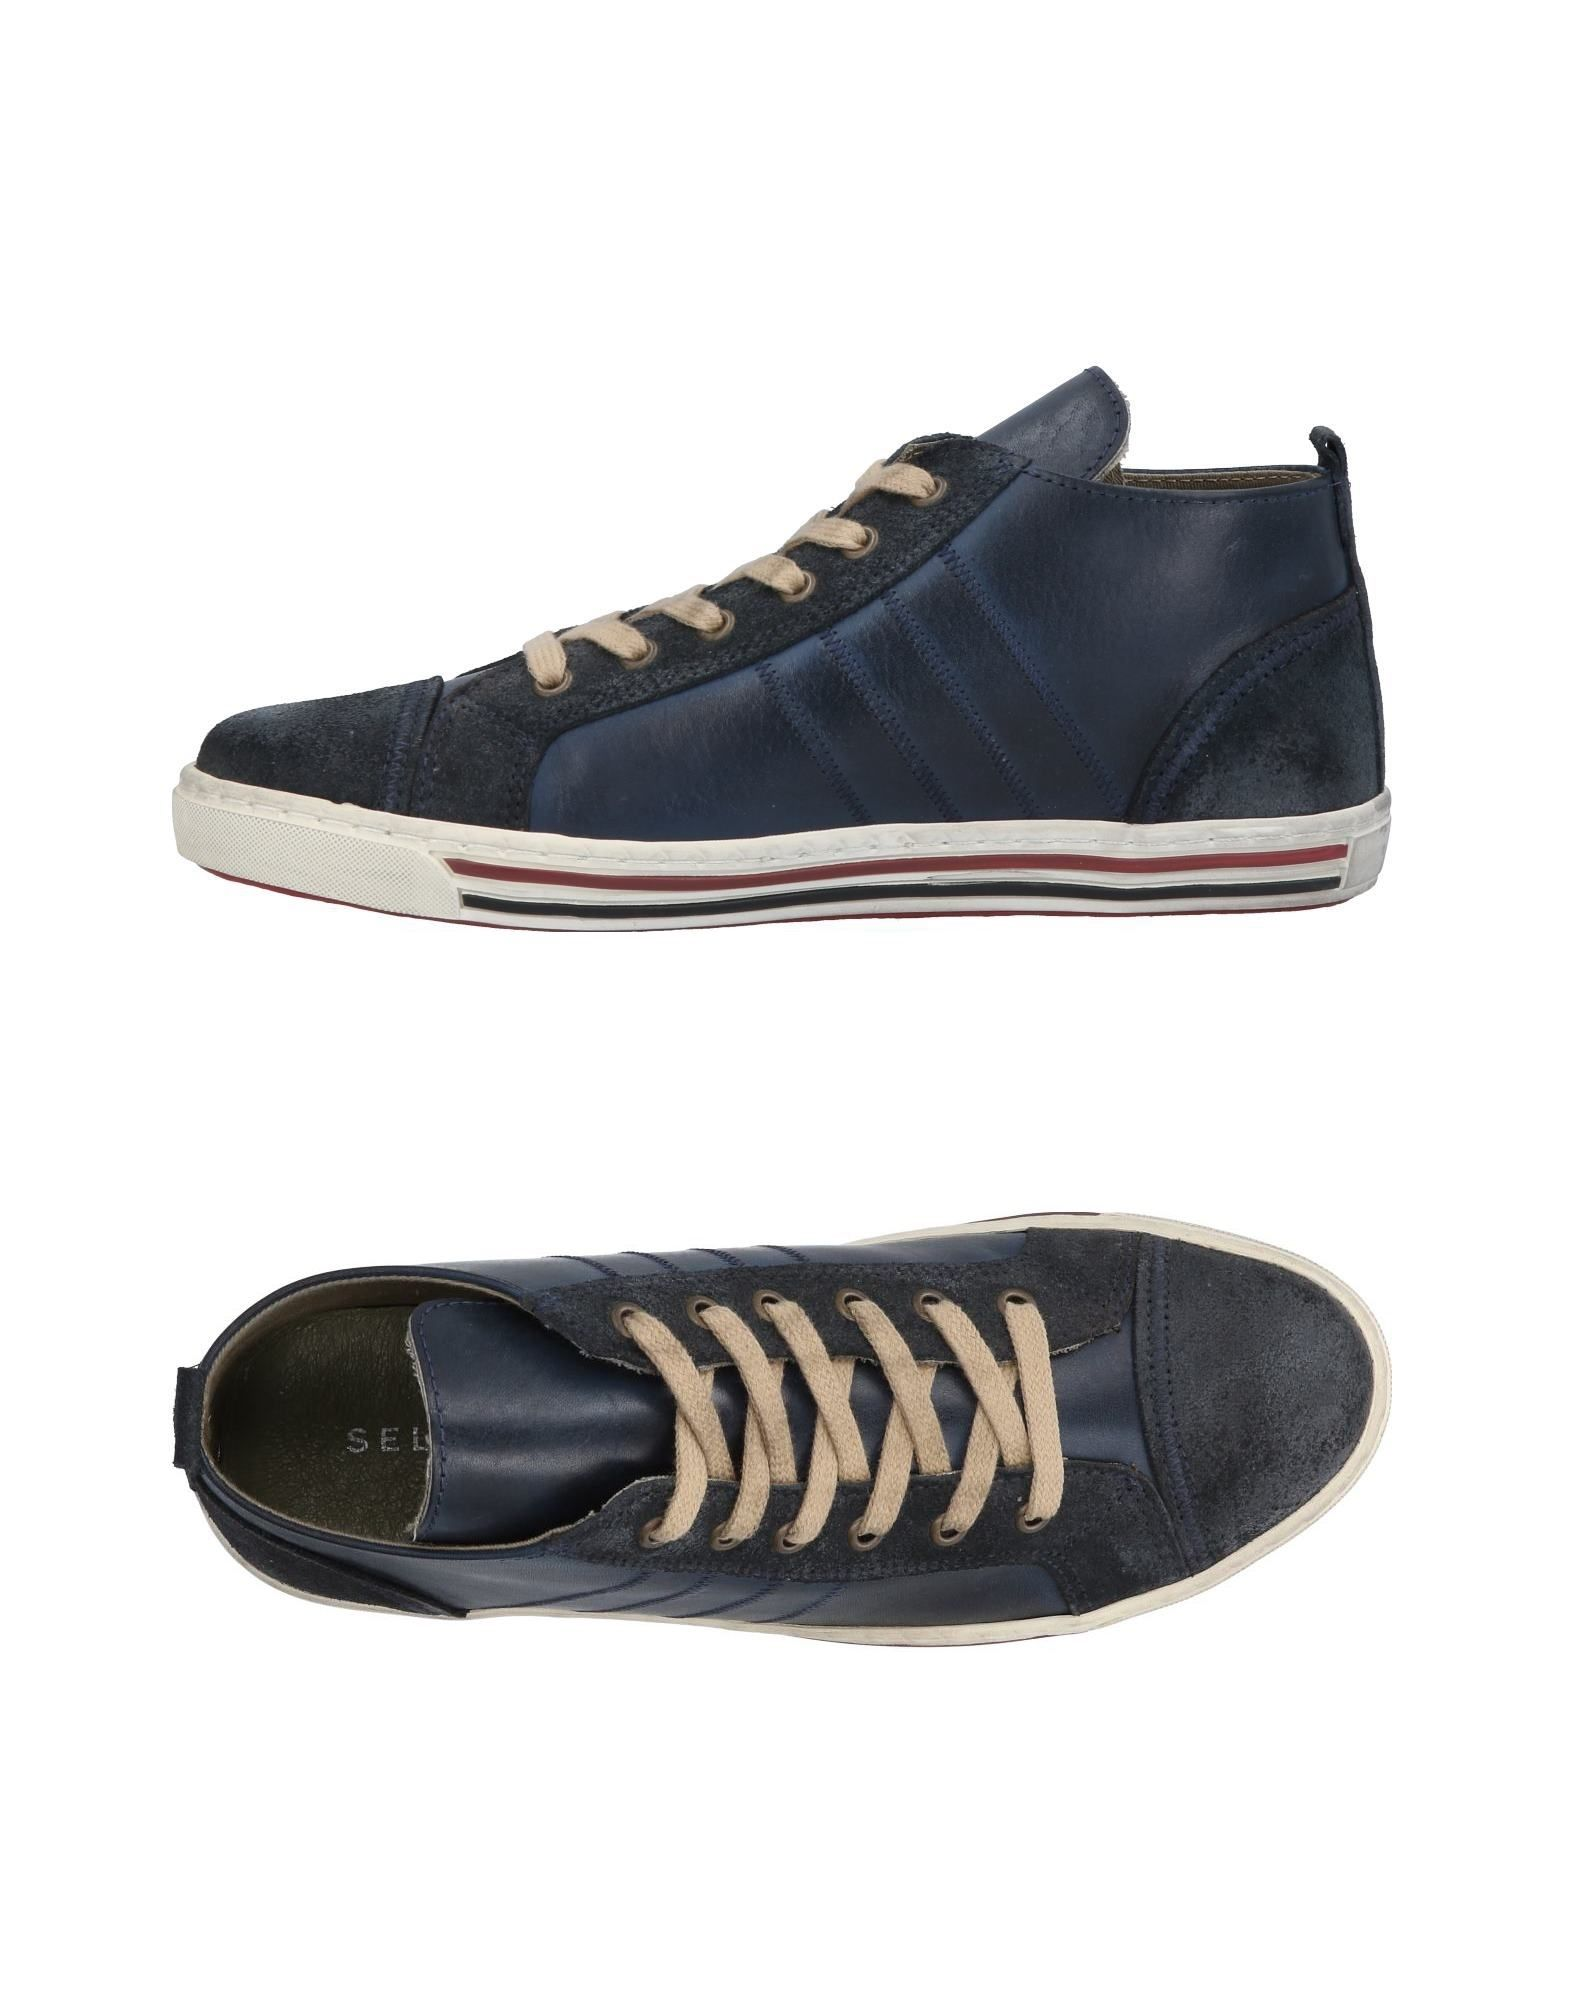 Sneakers Selected Uomo - 11468827RI elegante